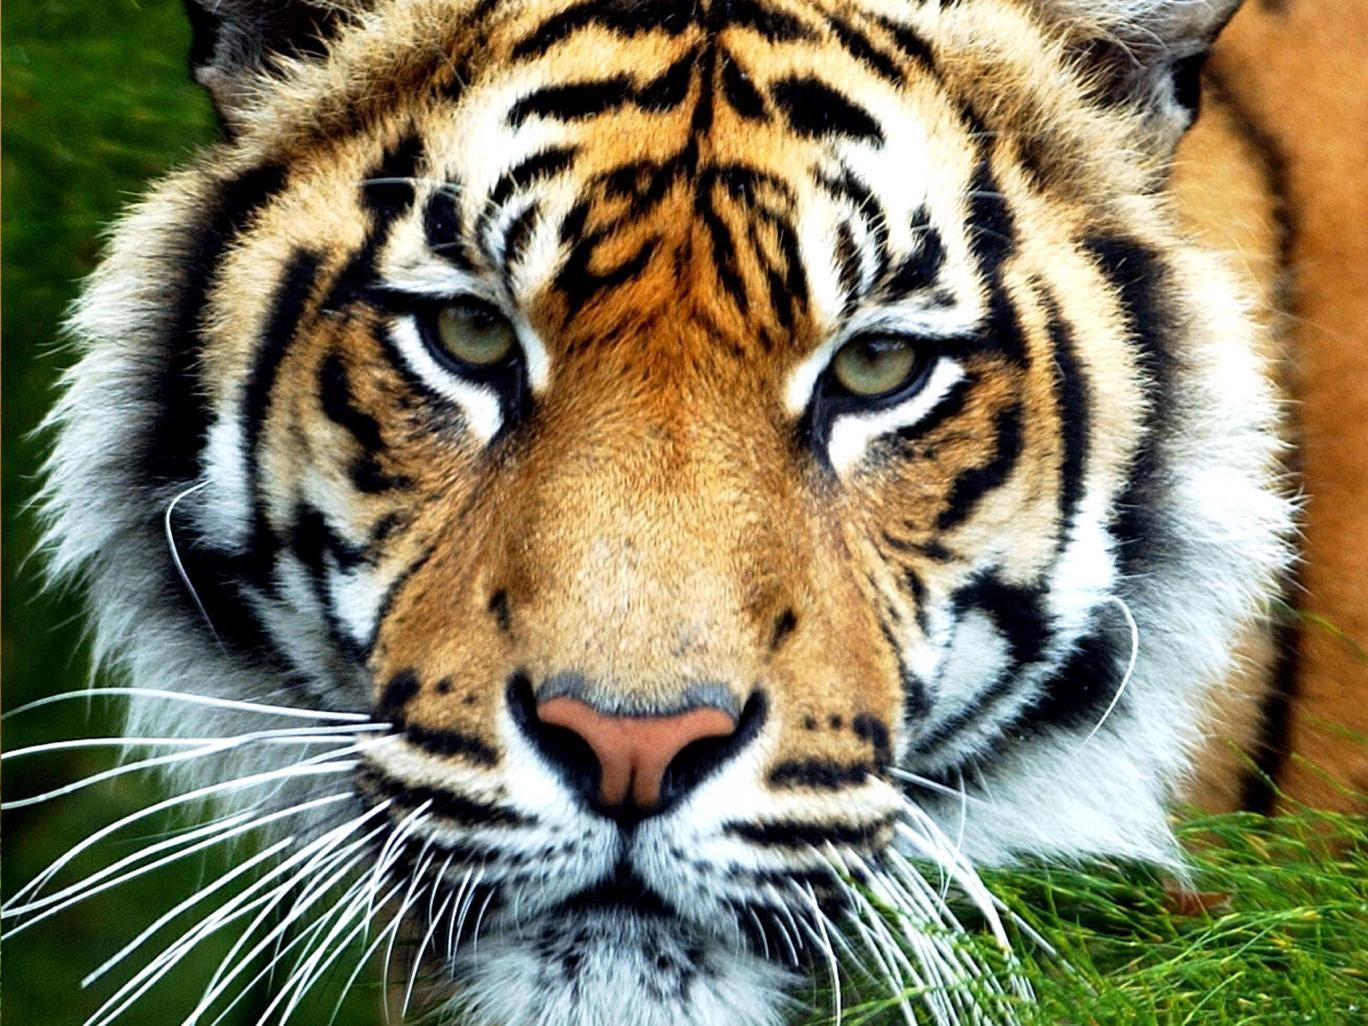 A Sumatran tiger like the one that killed Sarah McClay at South Lakes Wild Animal Park